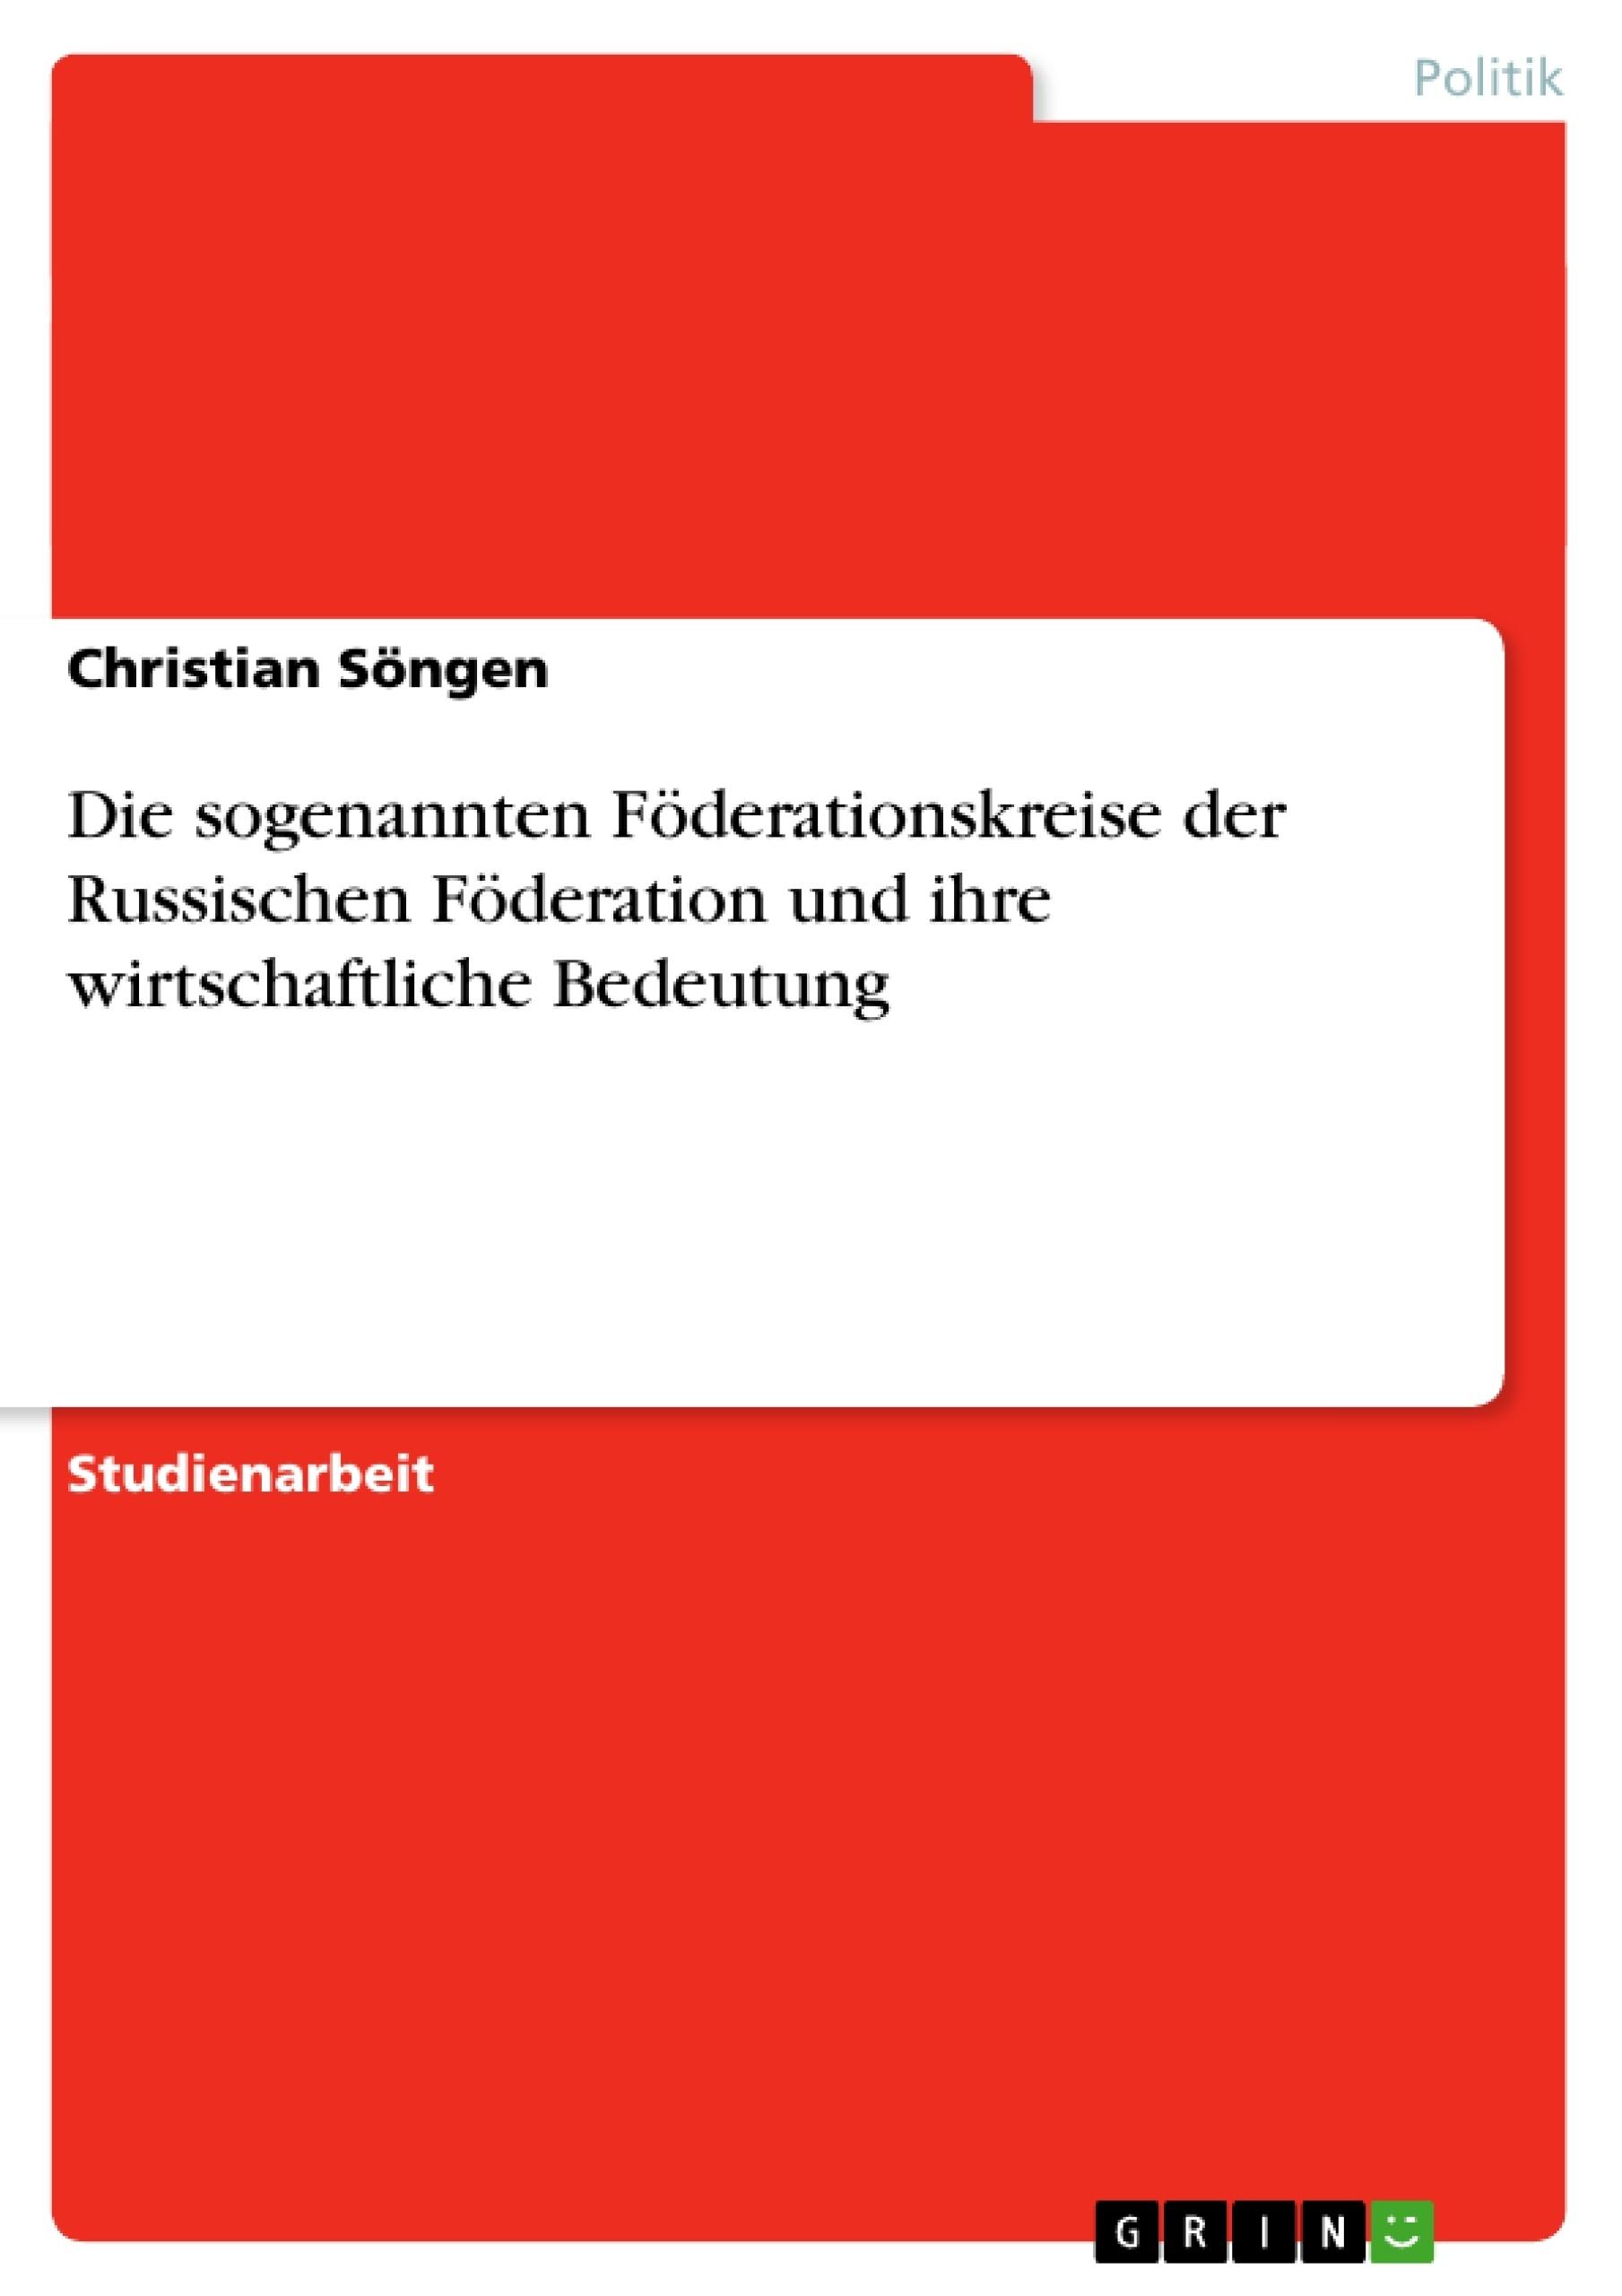 Titel: Die sogenannten Föderationskreise der Russischen Föderation und ihre wirtschaftliche Bedeutung